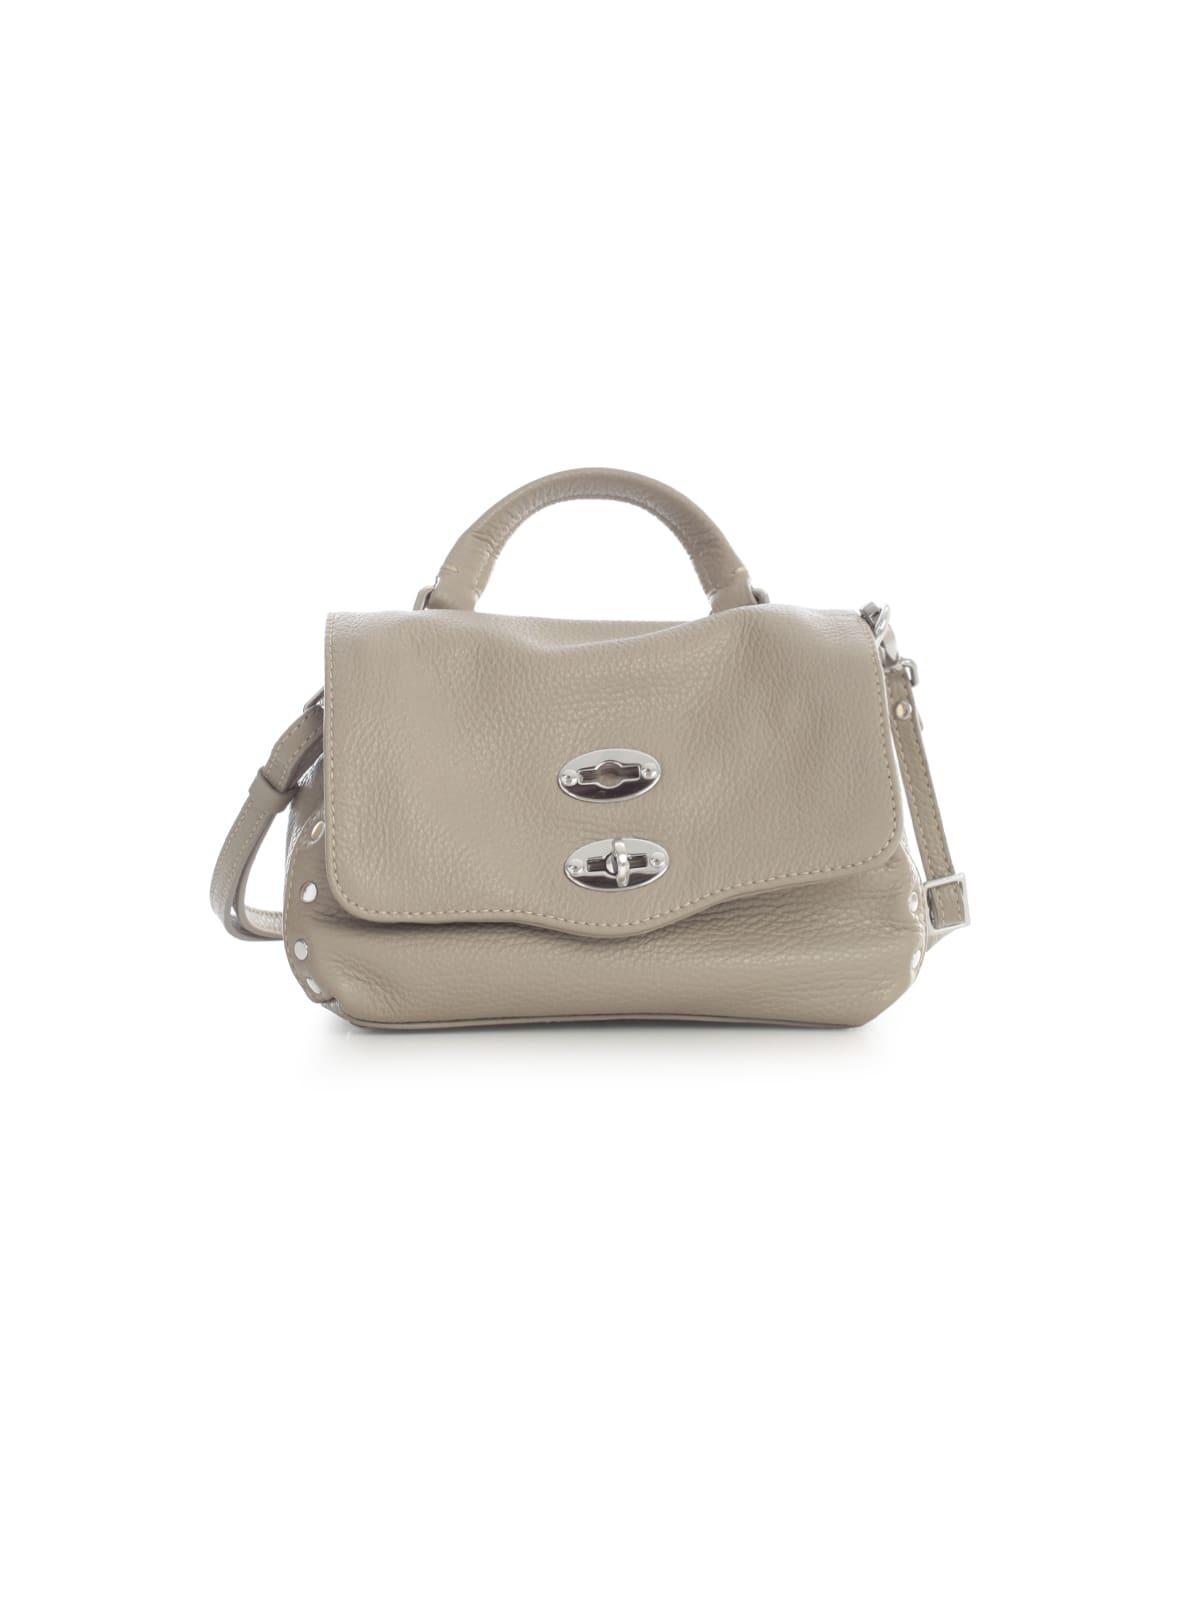 Zanellato Baby Postina 18 Shoulder Bag In Brown